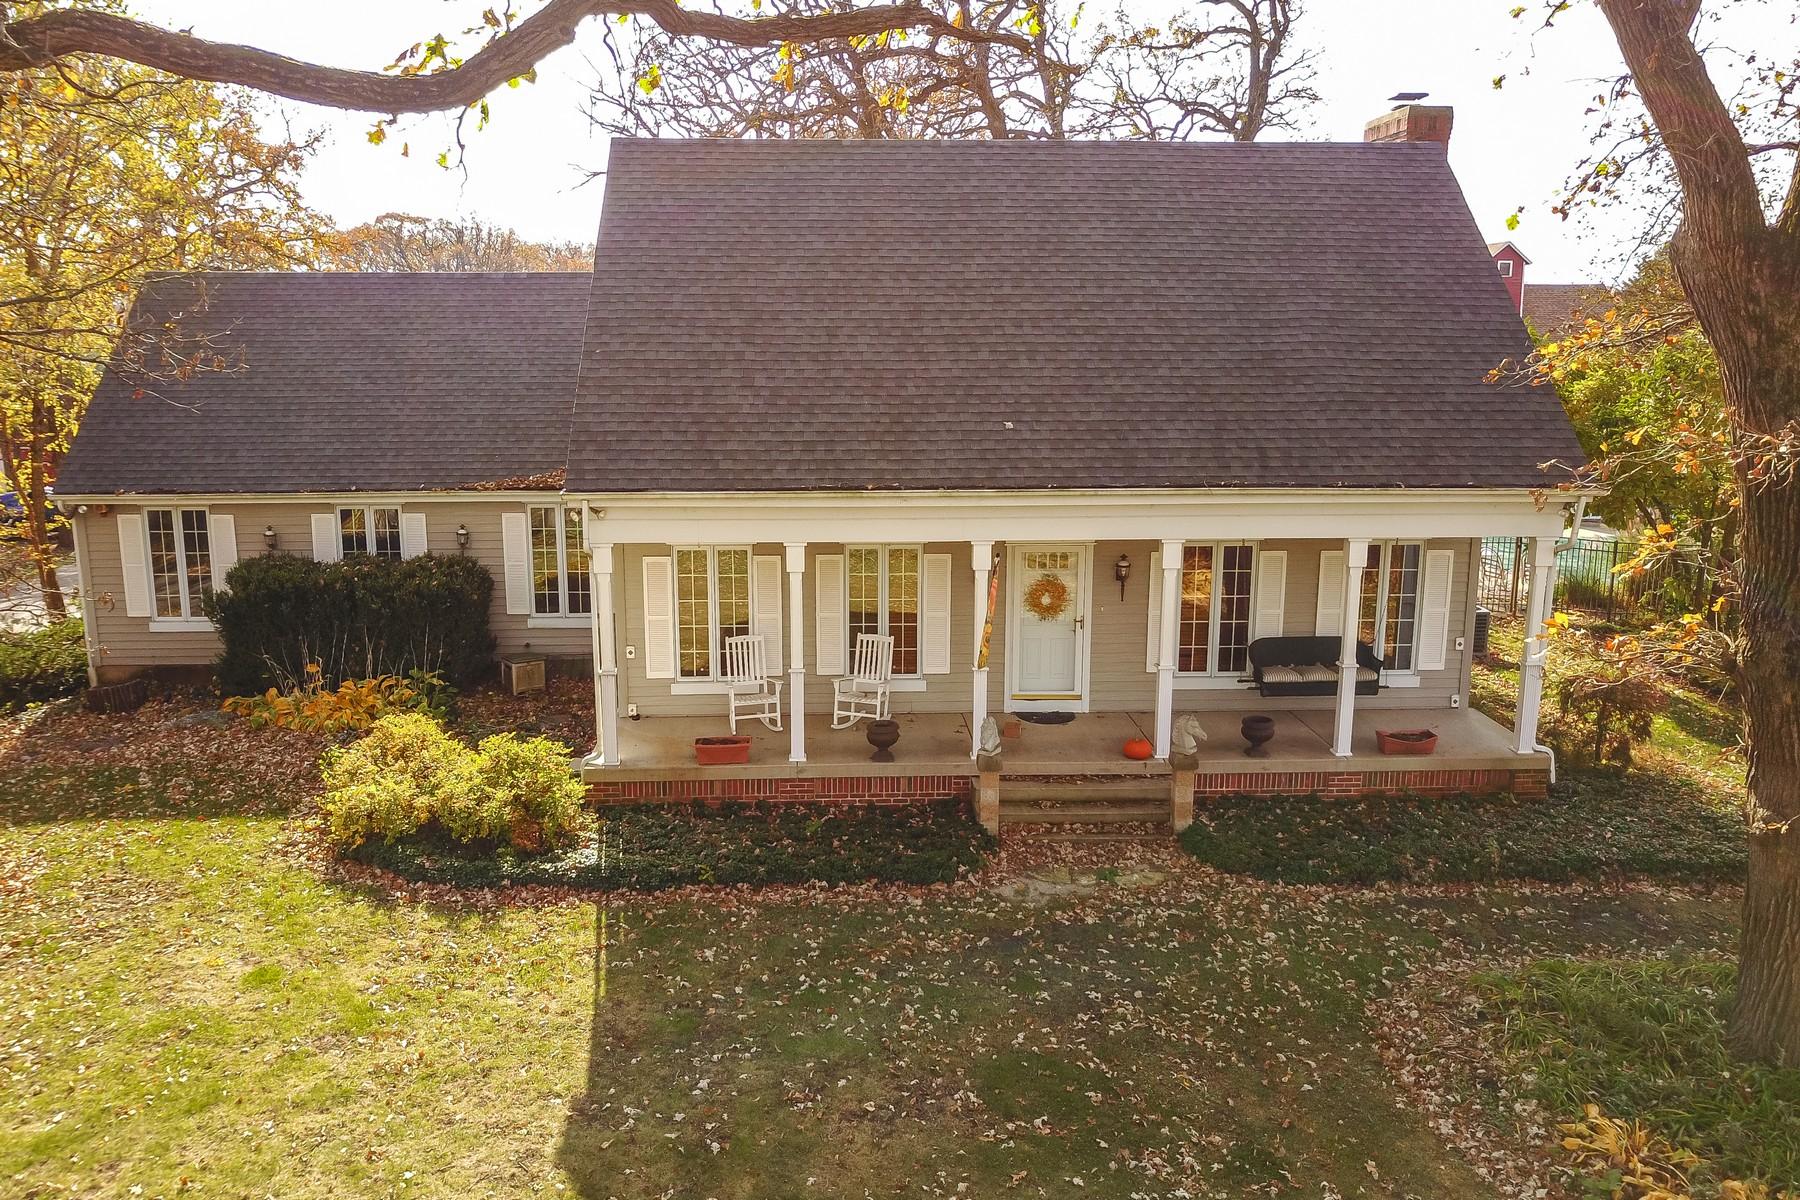 Casa Unifamiliar por un Venta en Turnkey Exquisite Equestrian Estate 41W419 Plato Road Elgin, Illinois, 60124 Estados Unidos